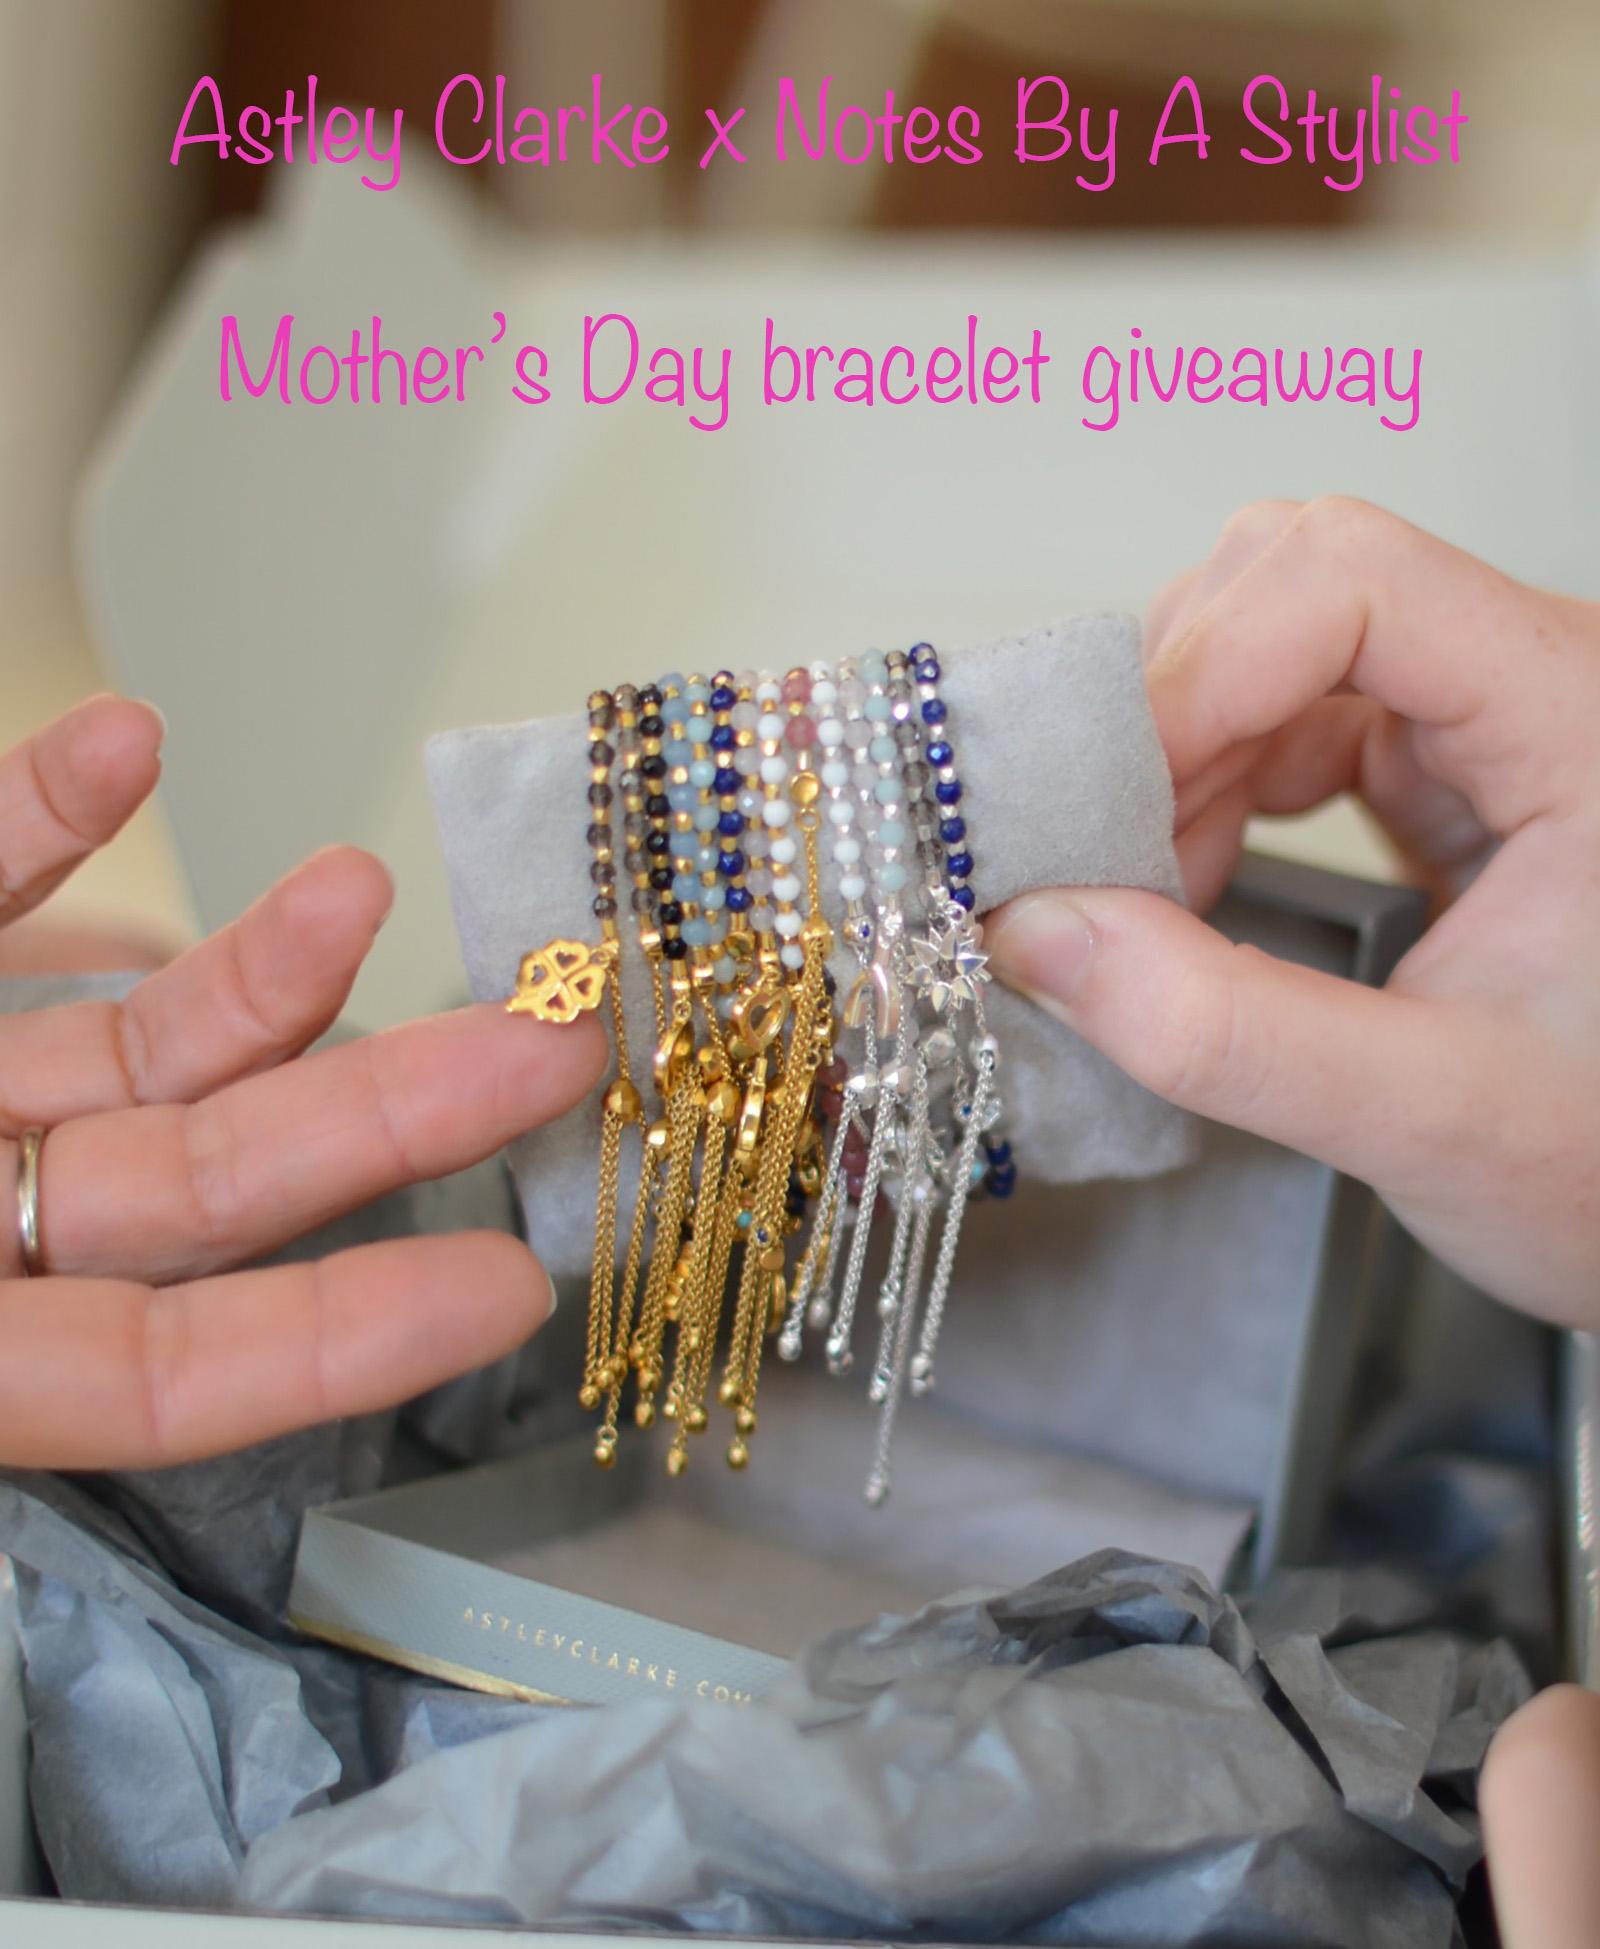 astley clarke bracelet giveaway